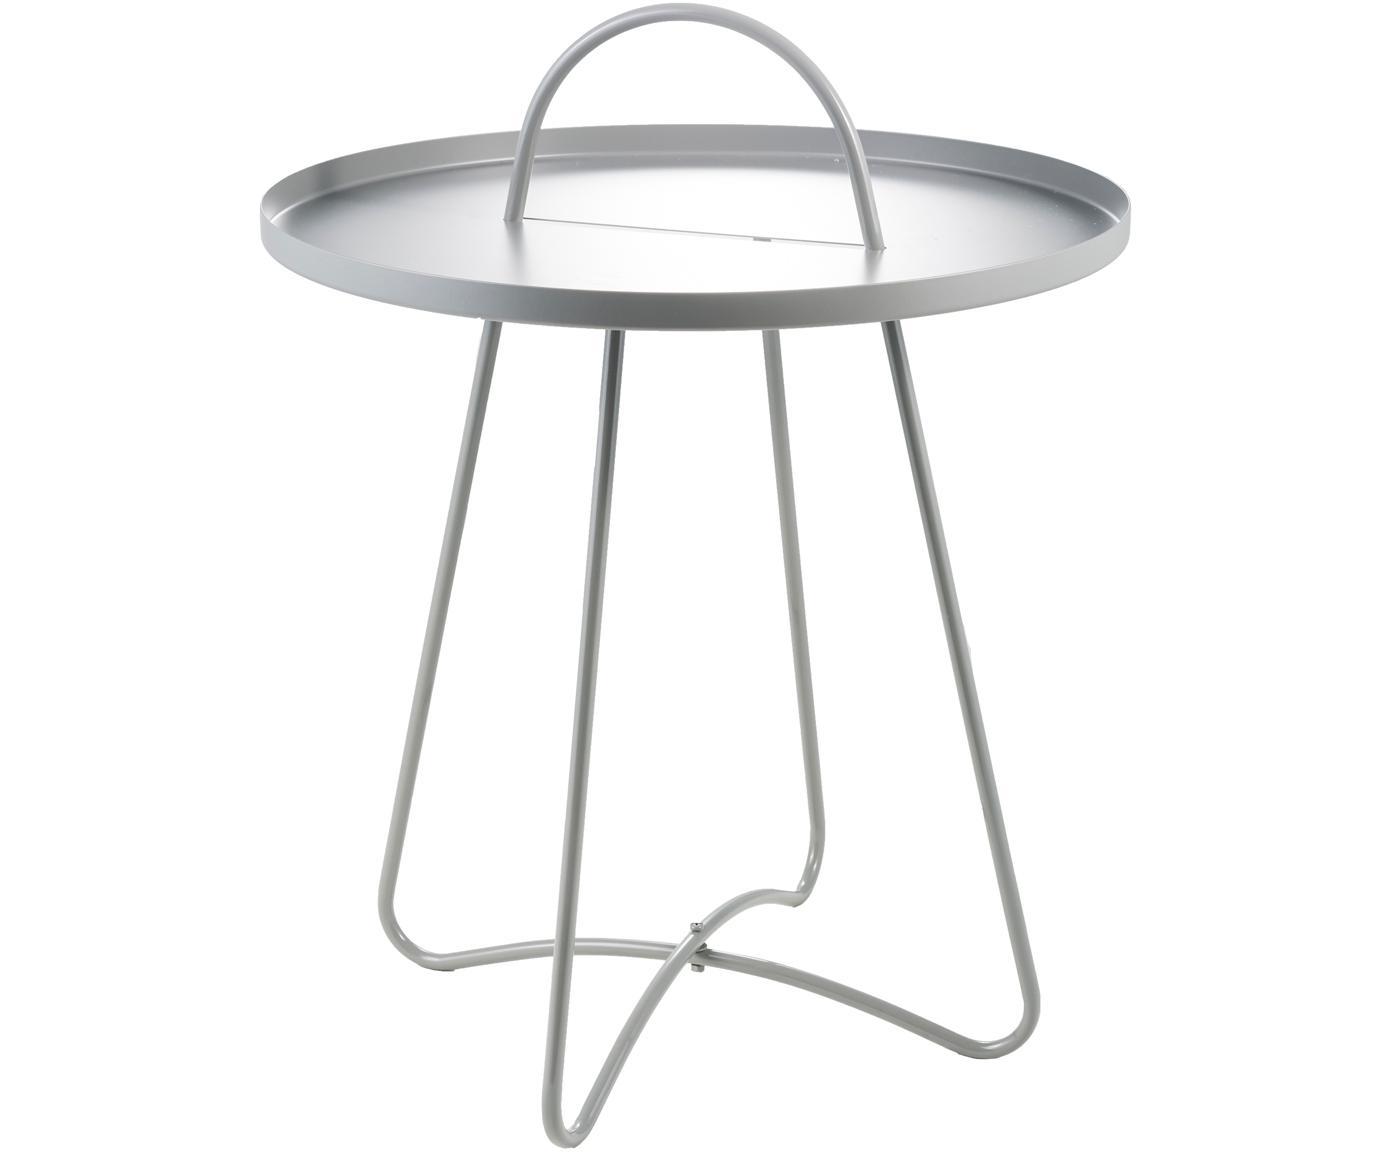 Mesa auxiliar de metal Pronto, Metal recubierto, Gris claro, Ø 46 x Al 58 cm